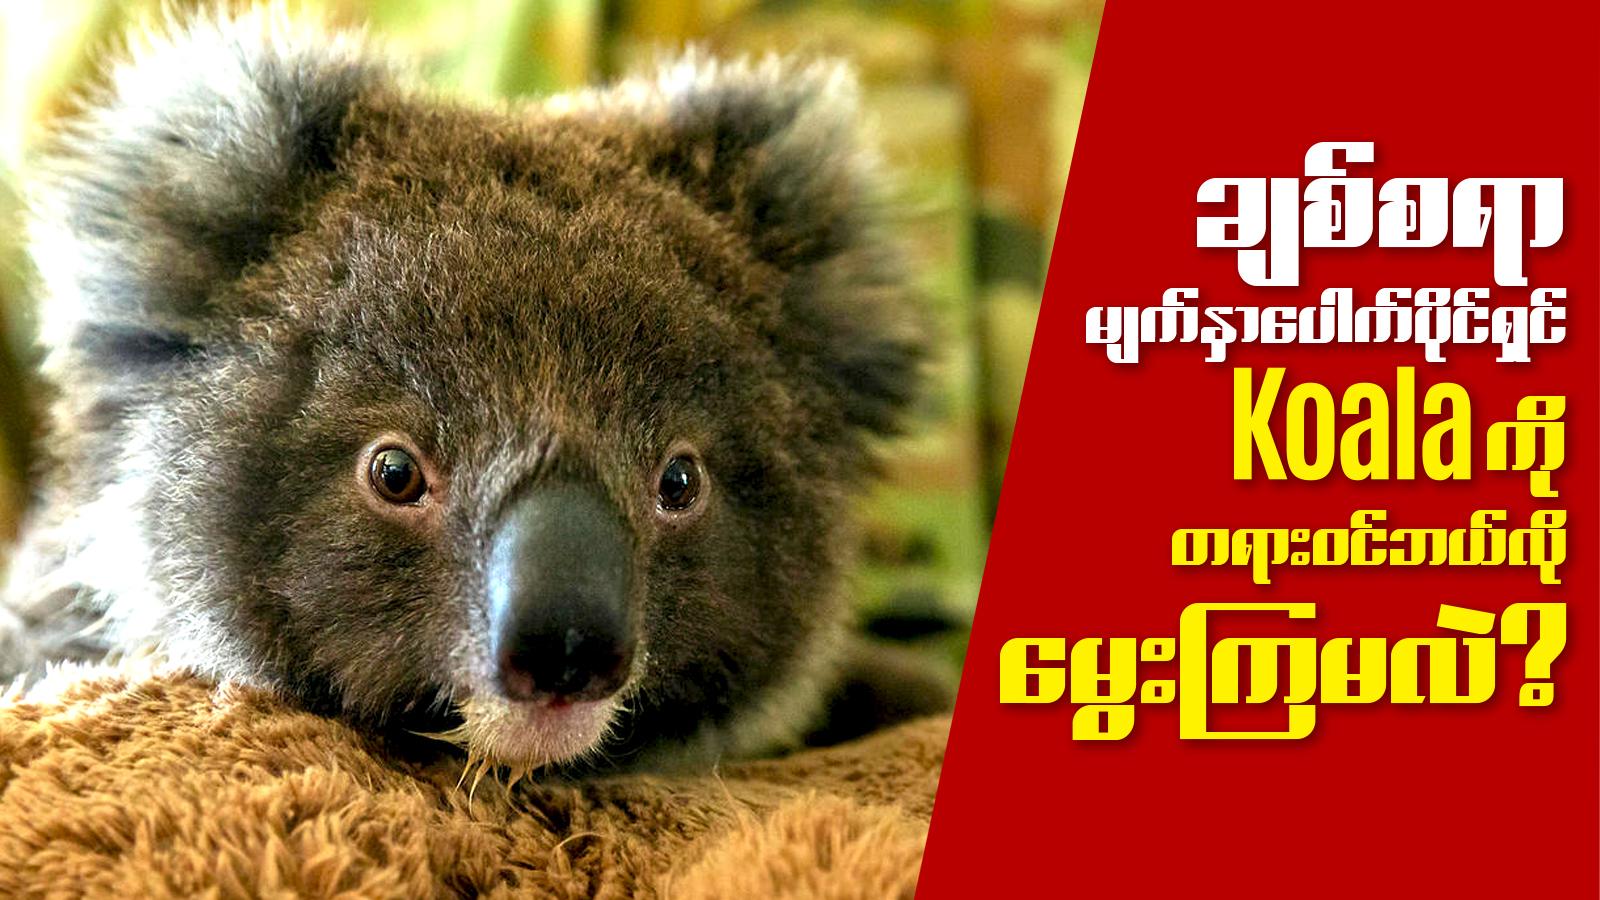 ခ်စ္စရာ မ်က္ႏွာေပါက္ ပိုင္ရွင္ Koala  Bear ေလး ကို တရား၀င္ ဘယ္လို ေမြးၾကမလဲ?